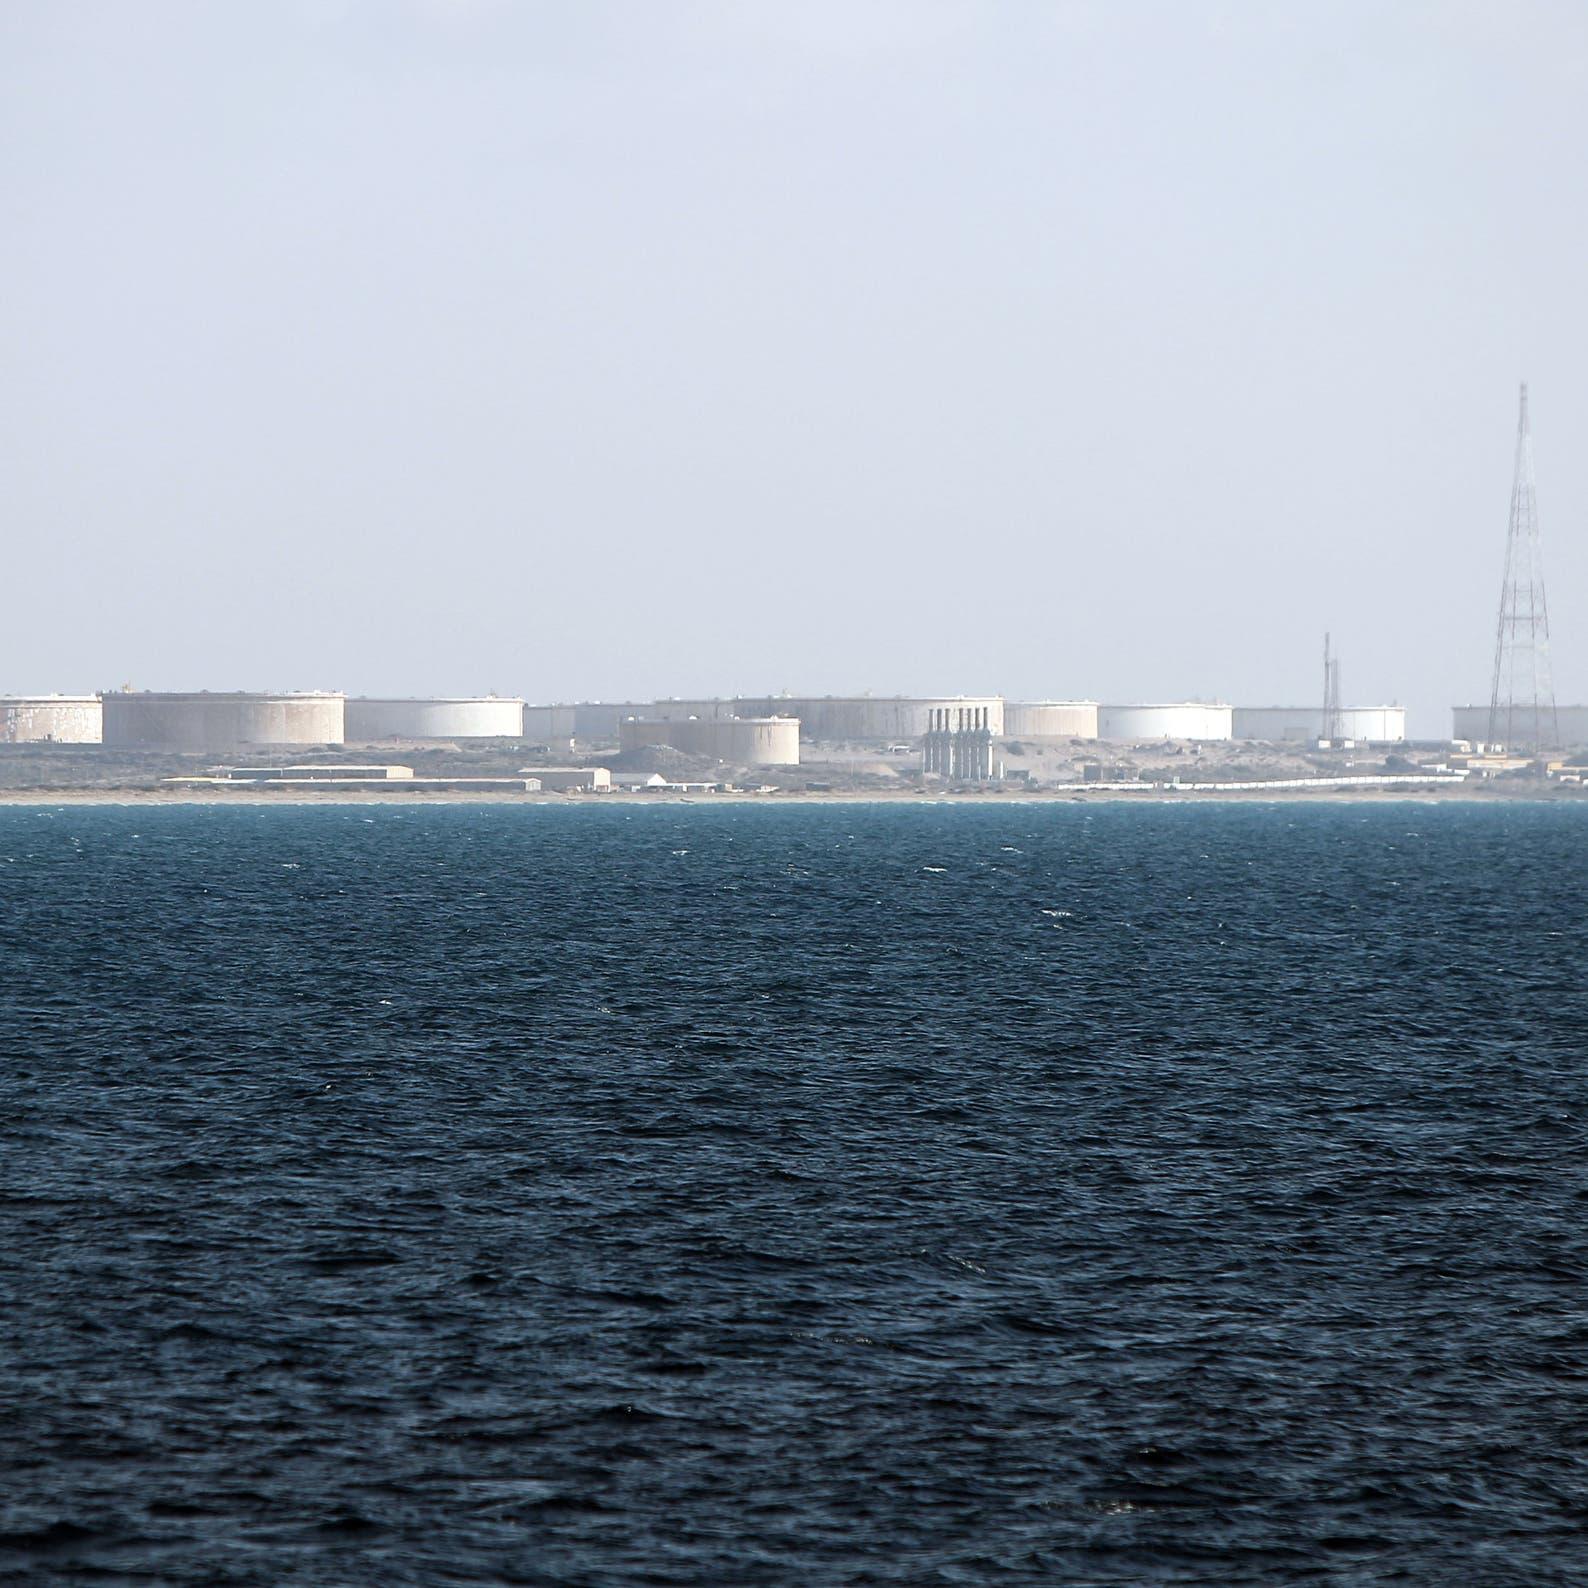 ليبيا تستعد لتصدير النفط.. ناقلة تتجه لمرسى الحريقة